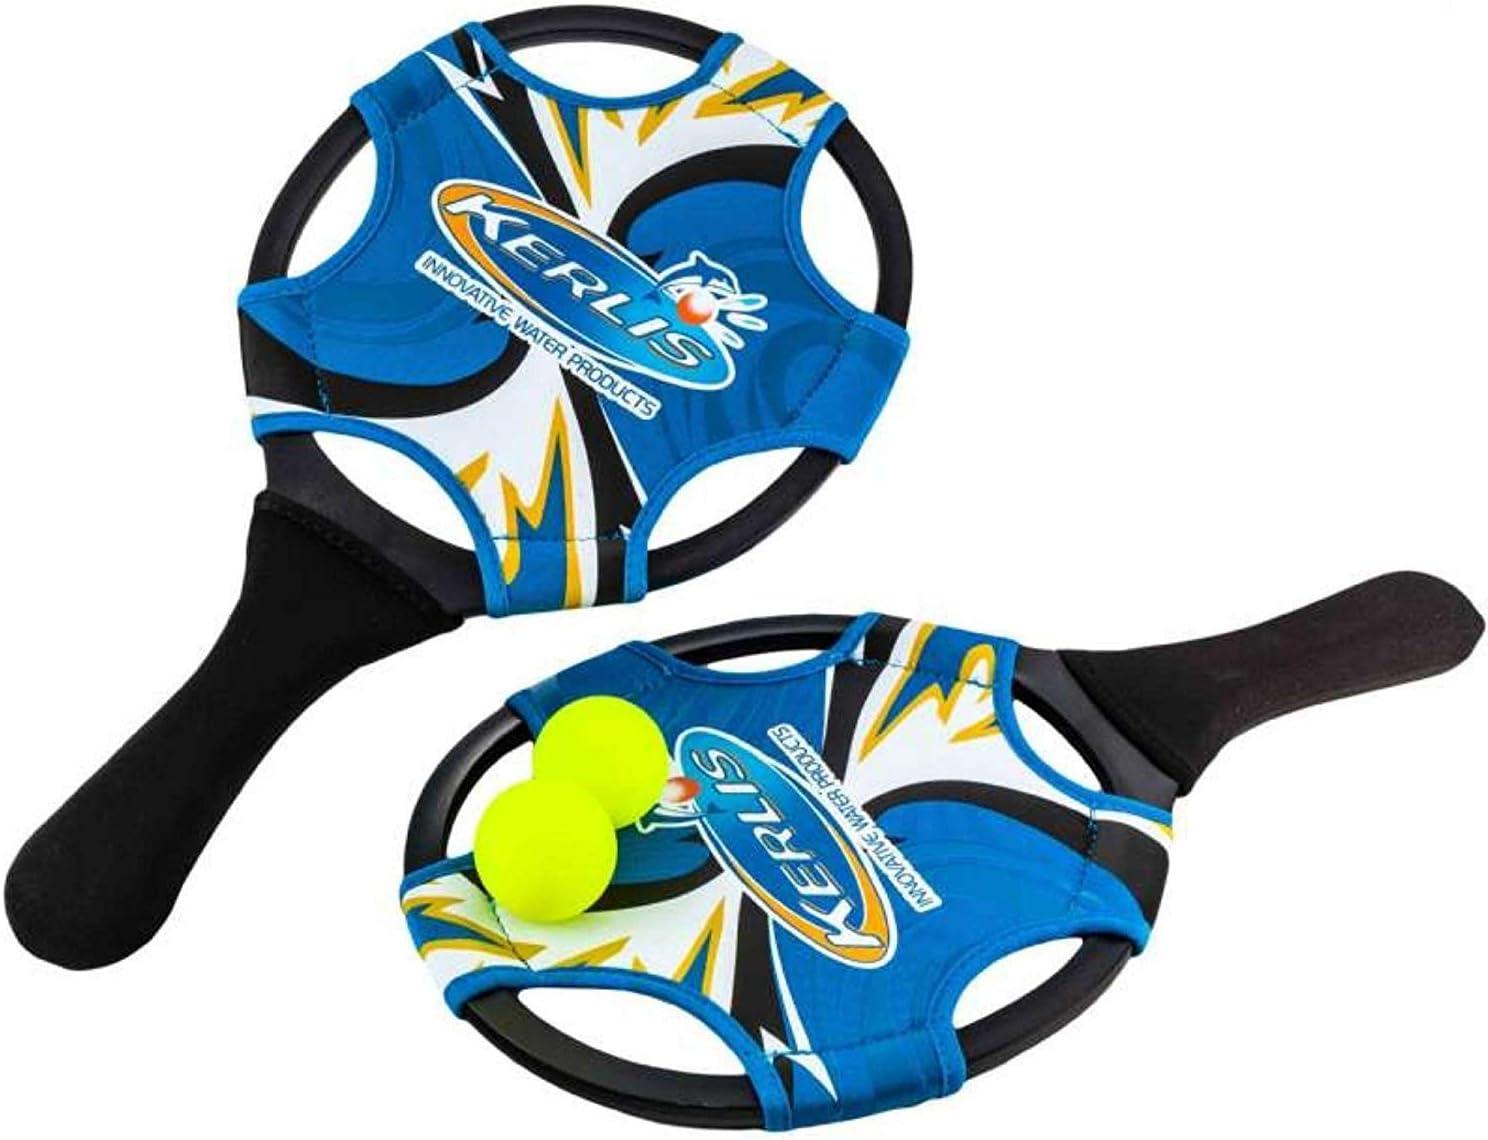 Juego de raquetas neopreno azul + 2 pelotas: Amazon.es: Jardín